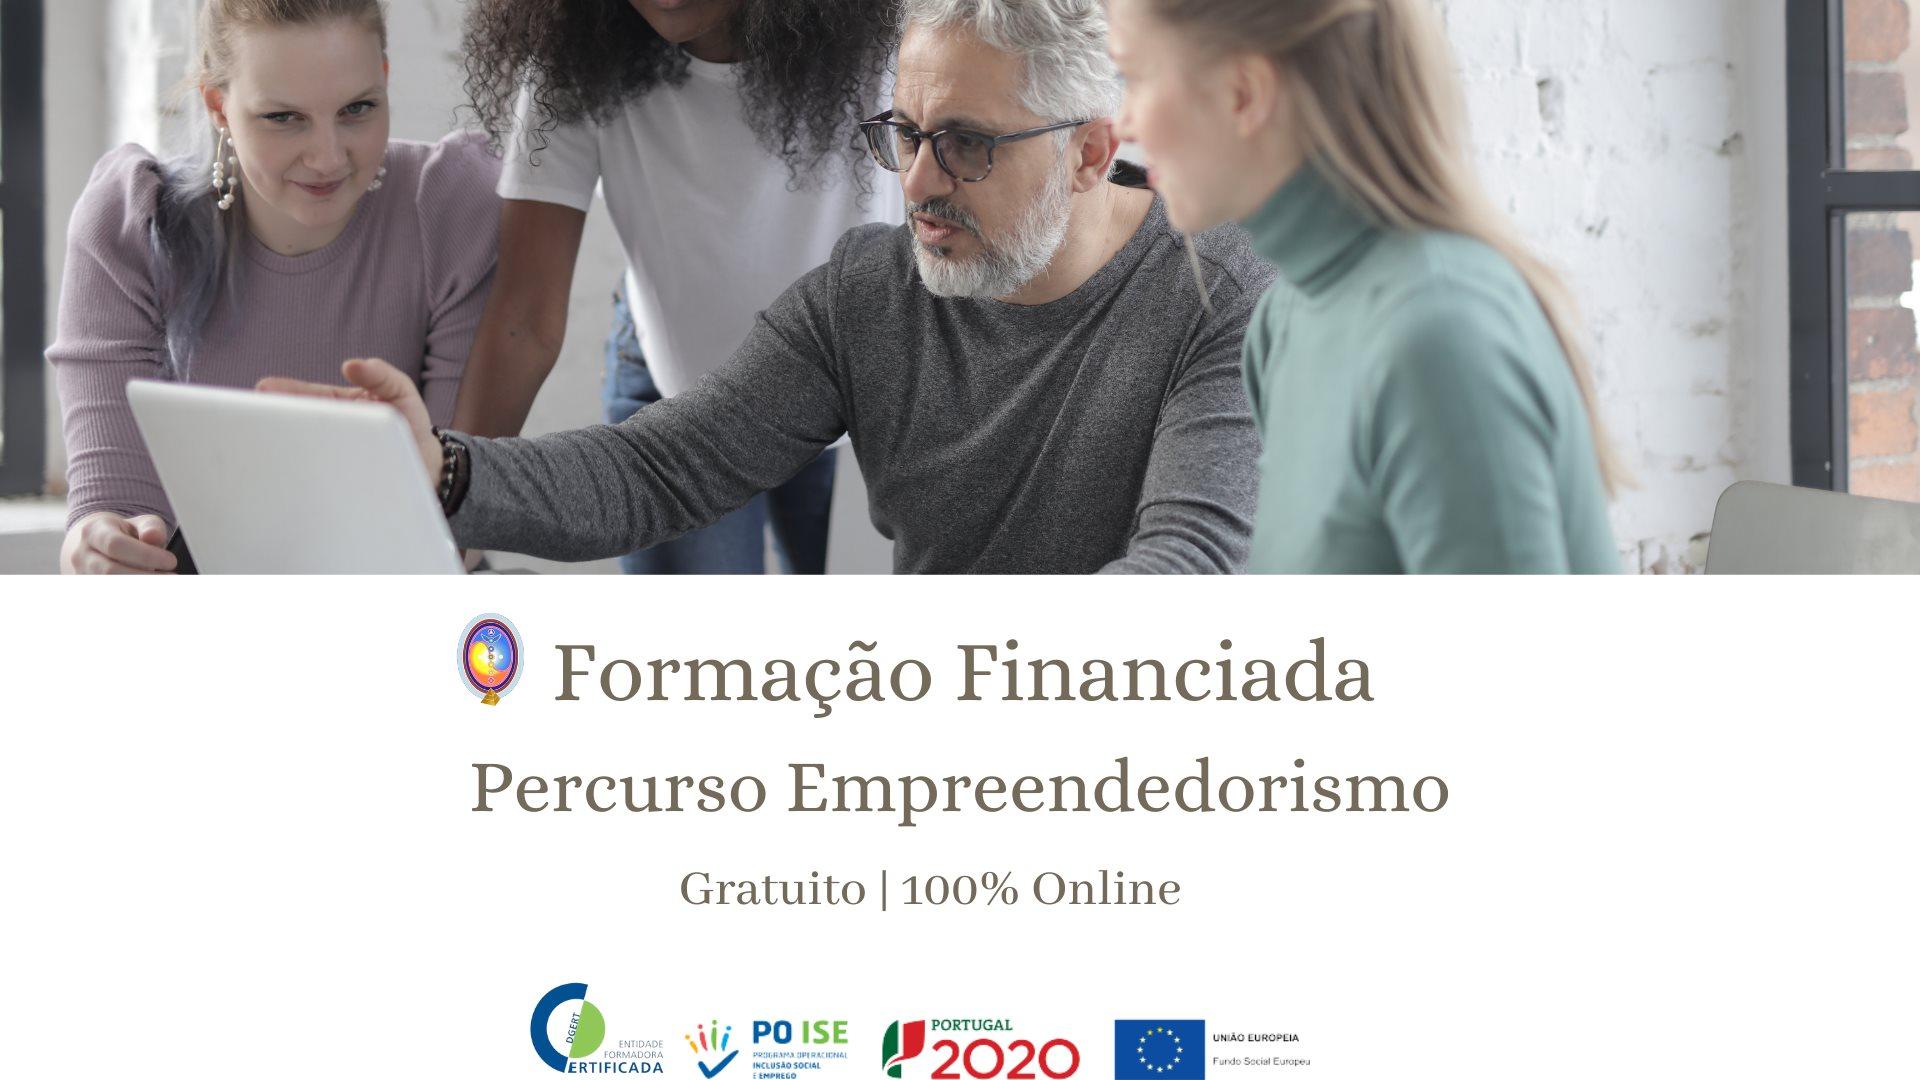 FORMAÇÃO FINANCIADA  Percurso Empreendedorismo